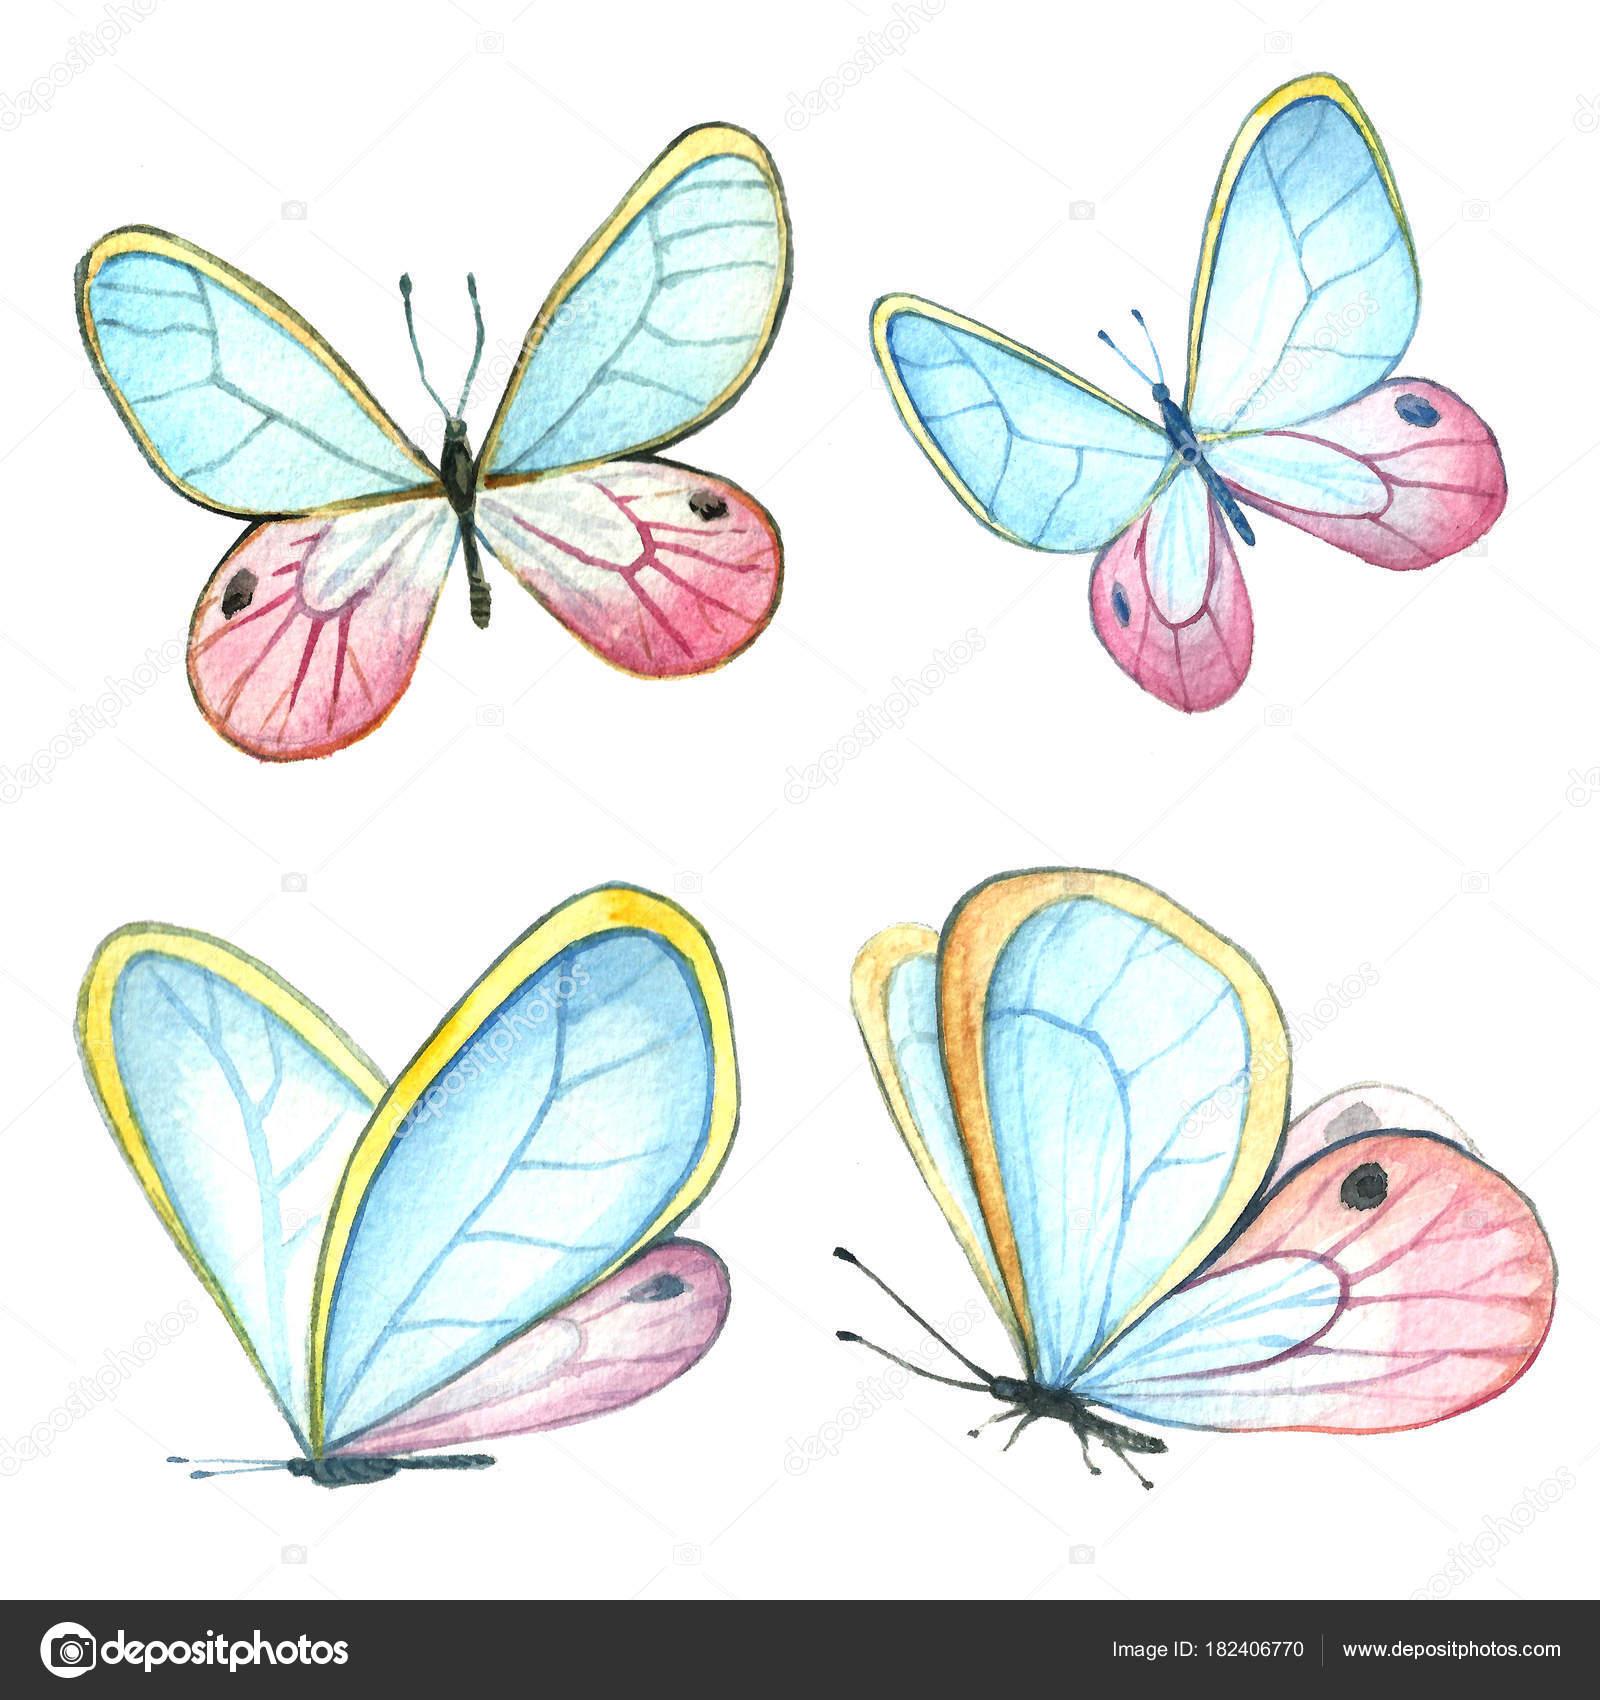 Dibujos Flores Y Mariposas Pintadas Acuarela De La Colección De